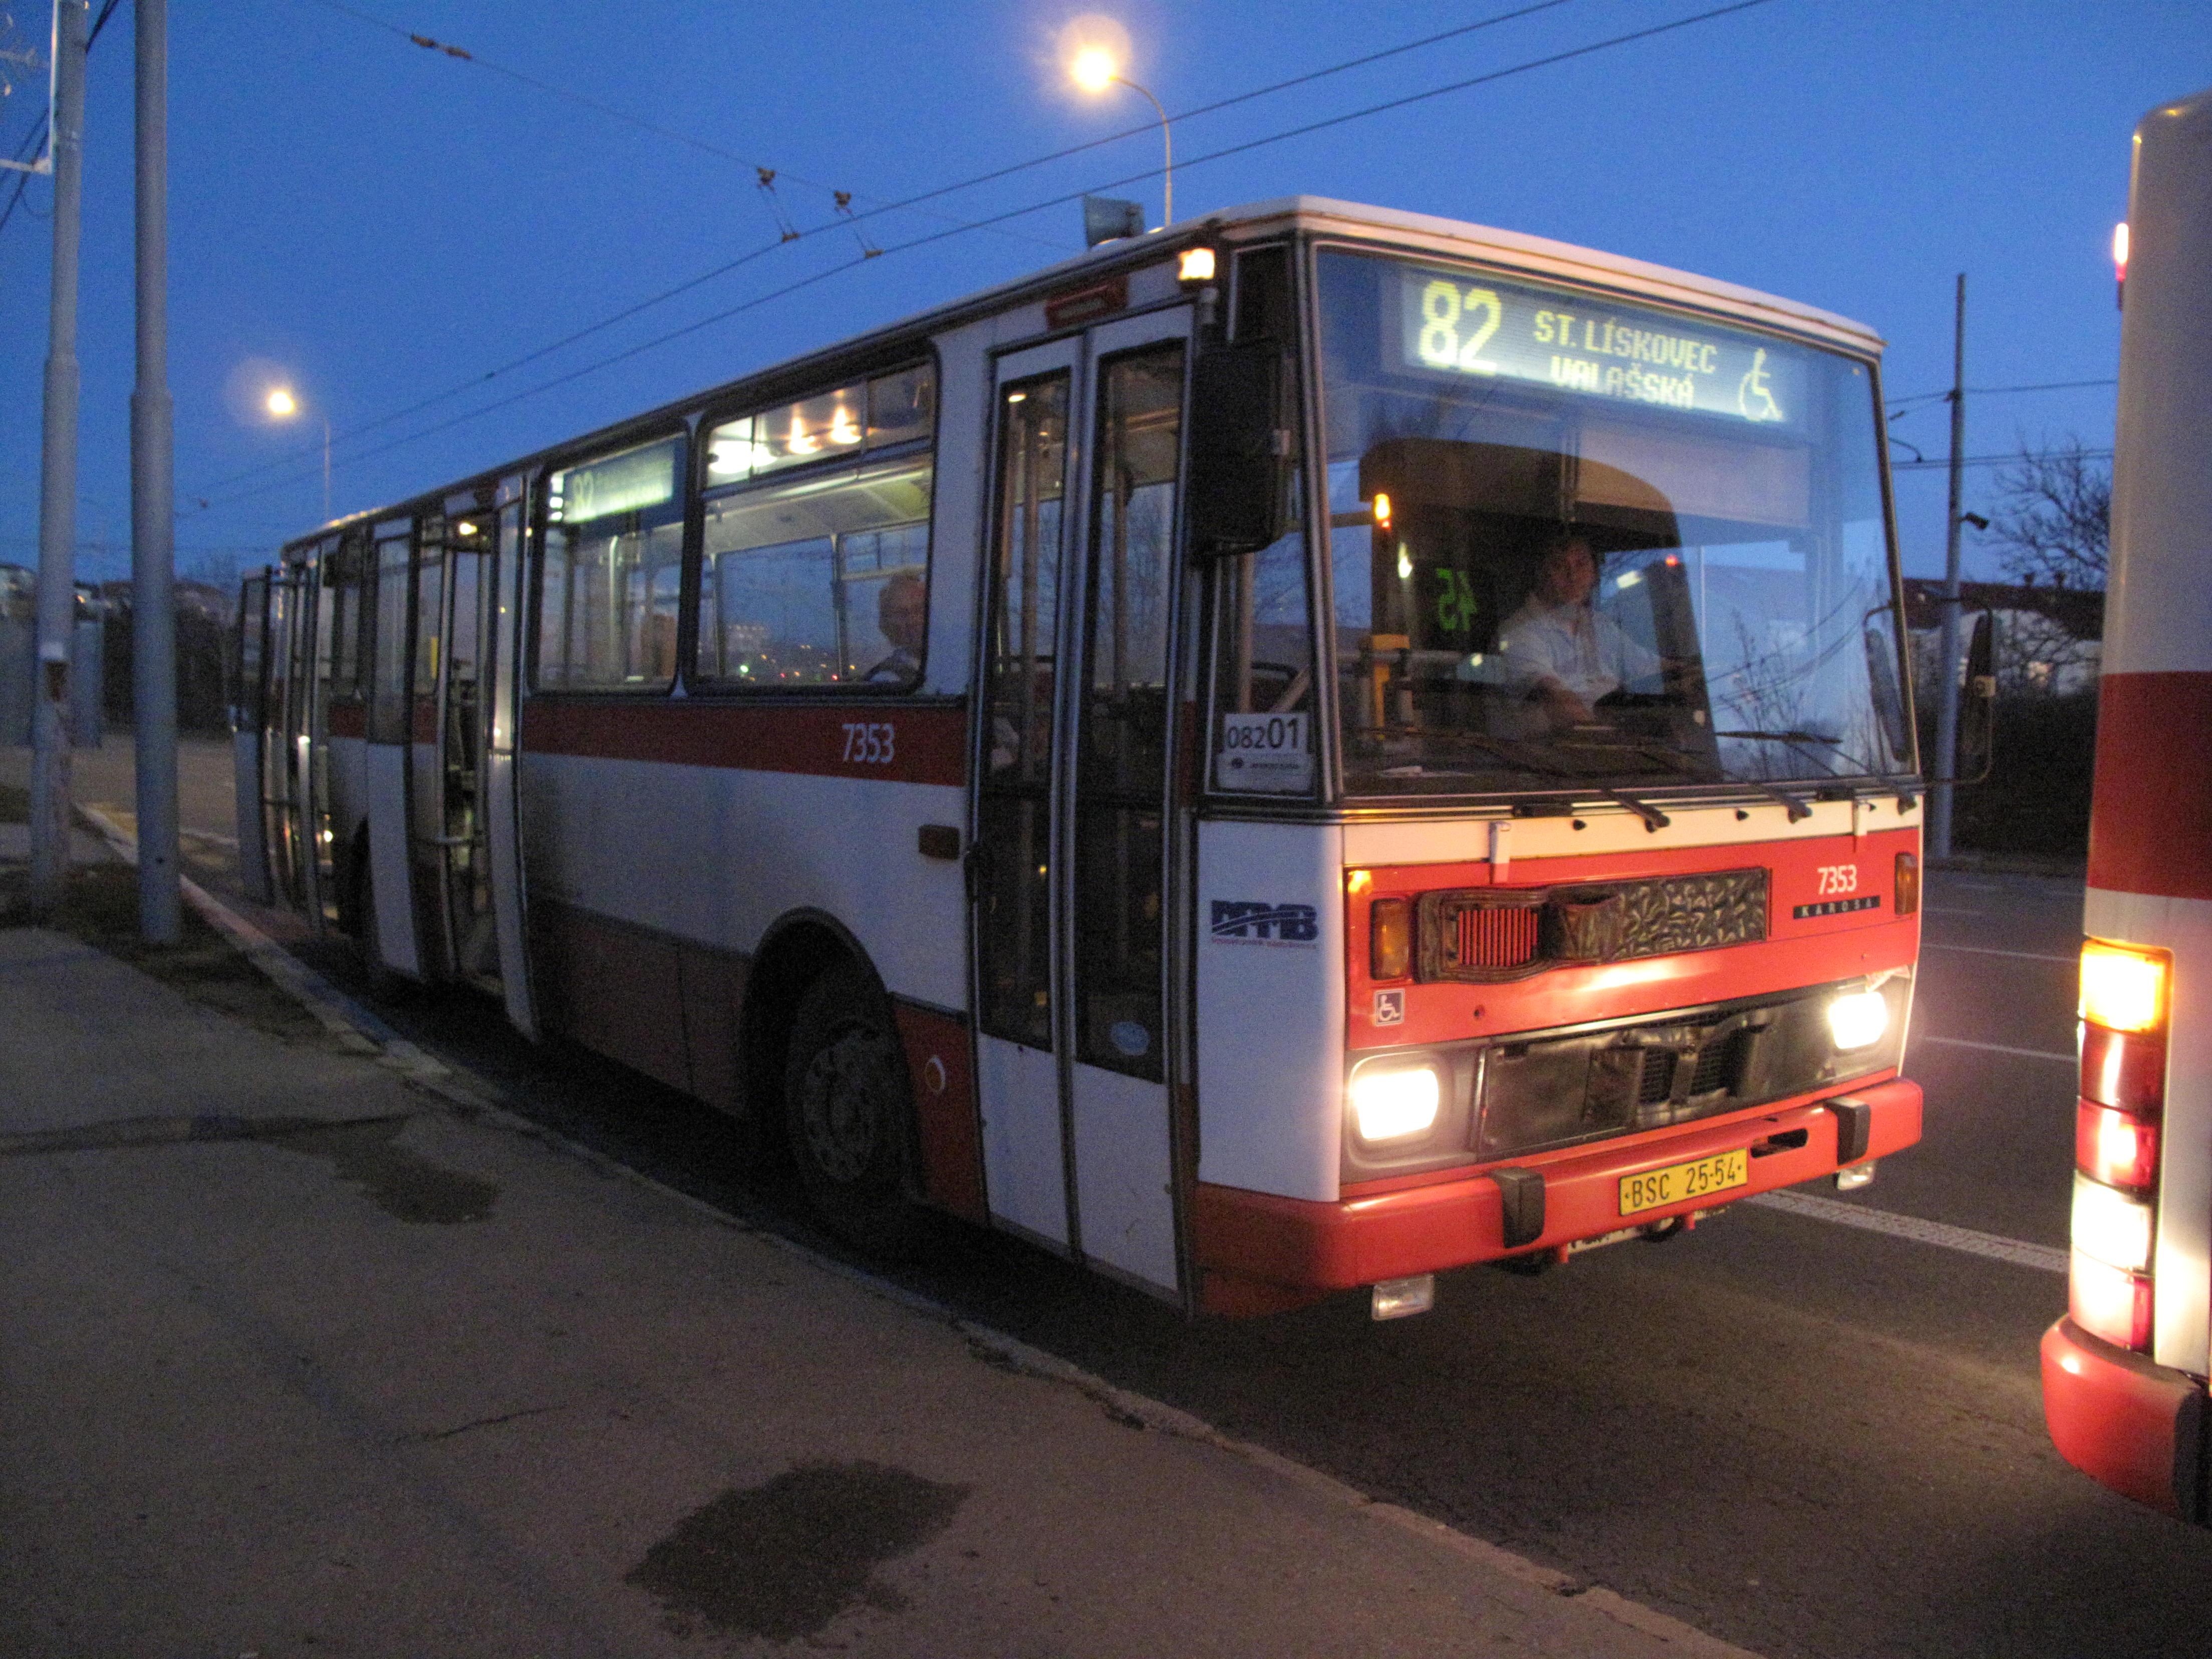 Autobus_na_lince_%C4%8D._82_na_Novol%C3%